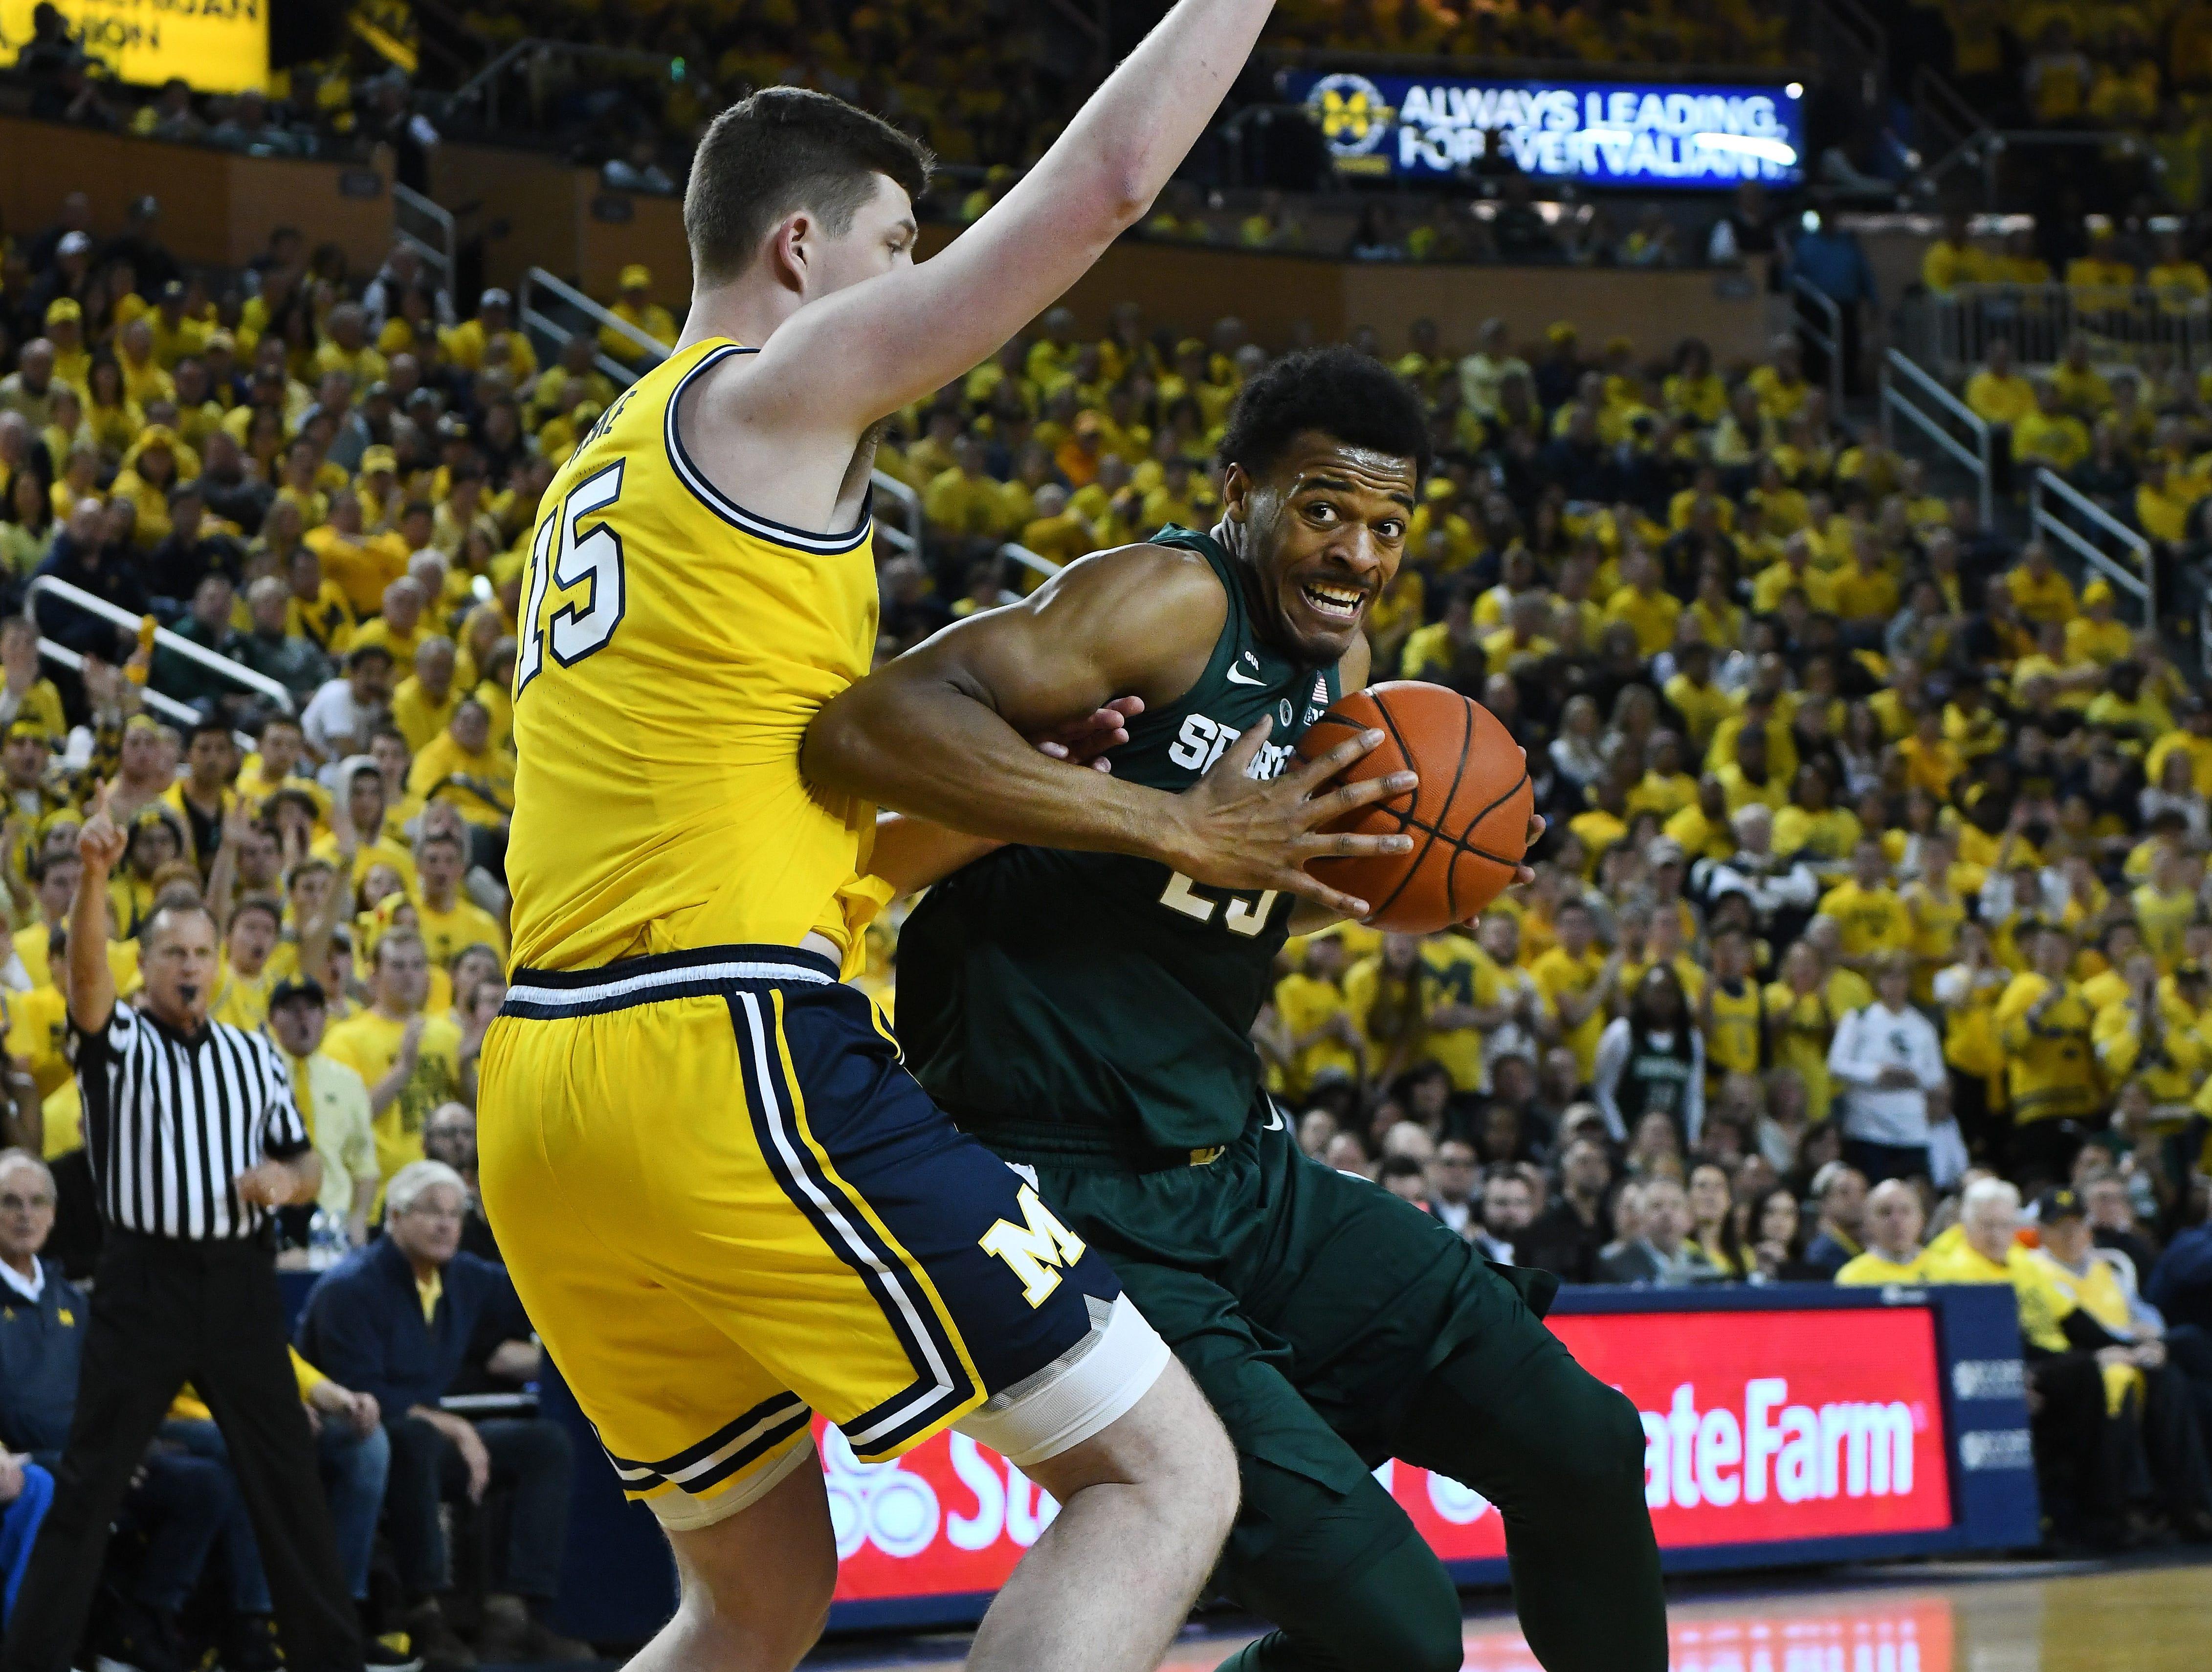 Michigan's Jon Teske, left, defends against Michigan State's Xavier Tillman under the basket in the first half.